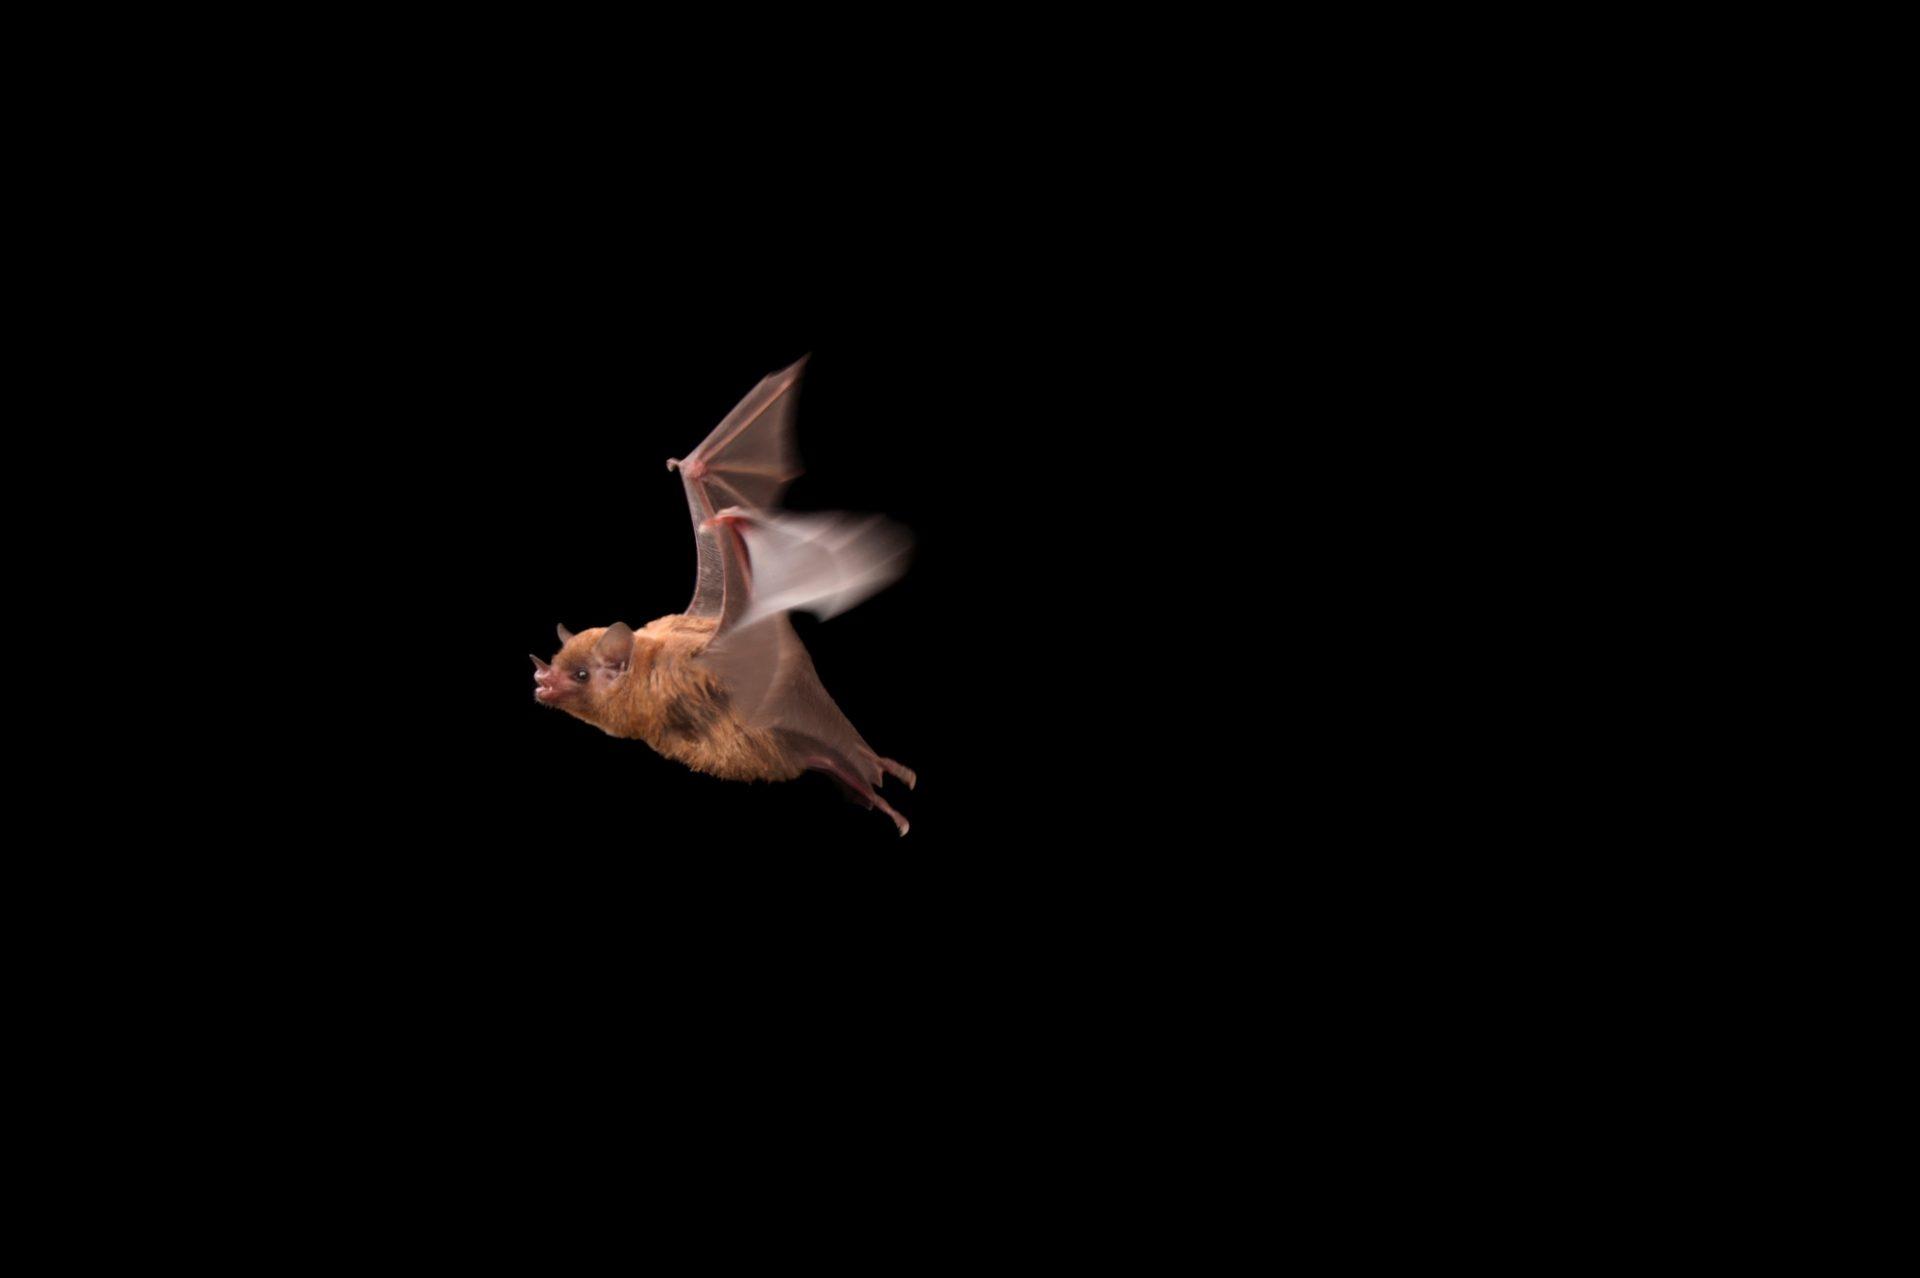 A Pallas's long-tongued bat (Glossophaga soricina) at the Houston Zoo.